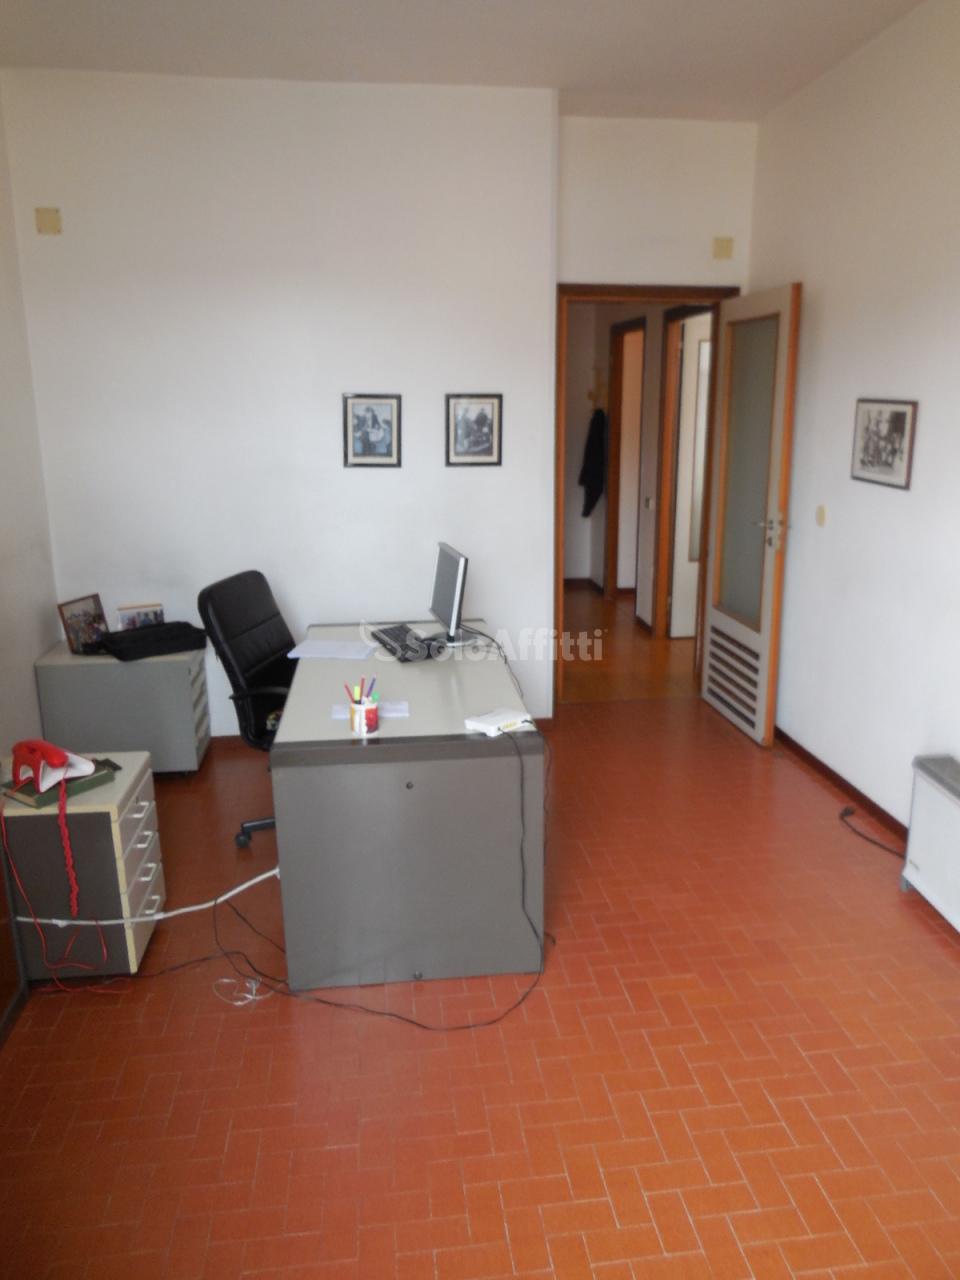 Ufficio - 2 locali a Mercato, Napoli Rif. 10499233